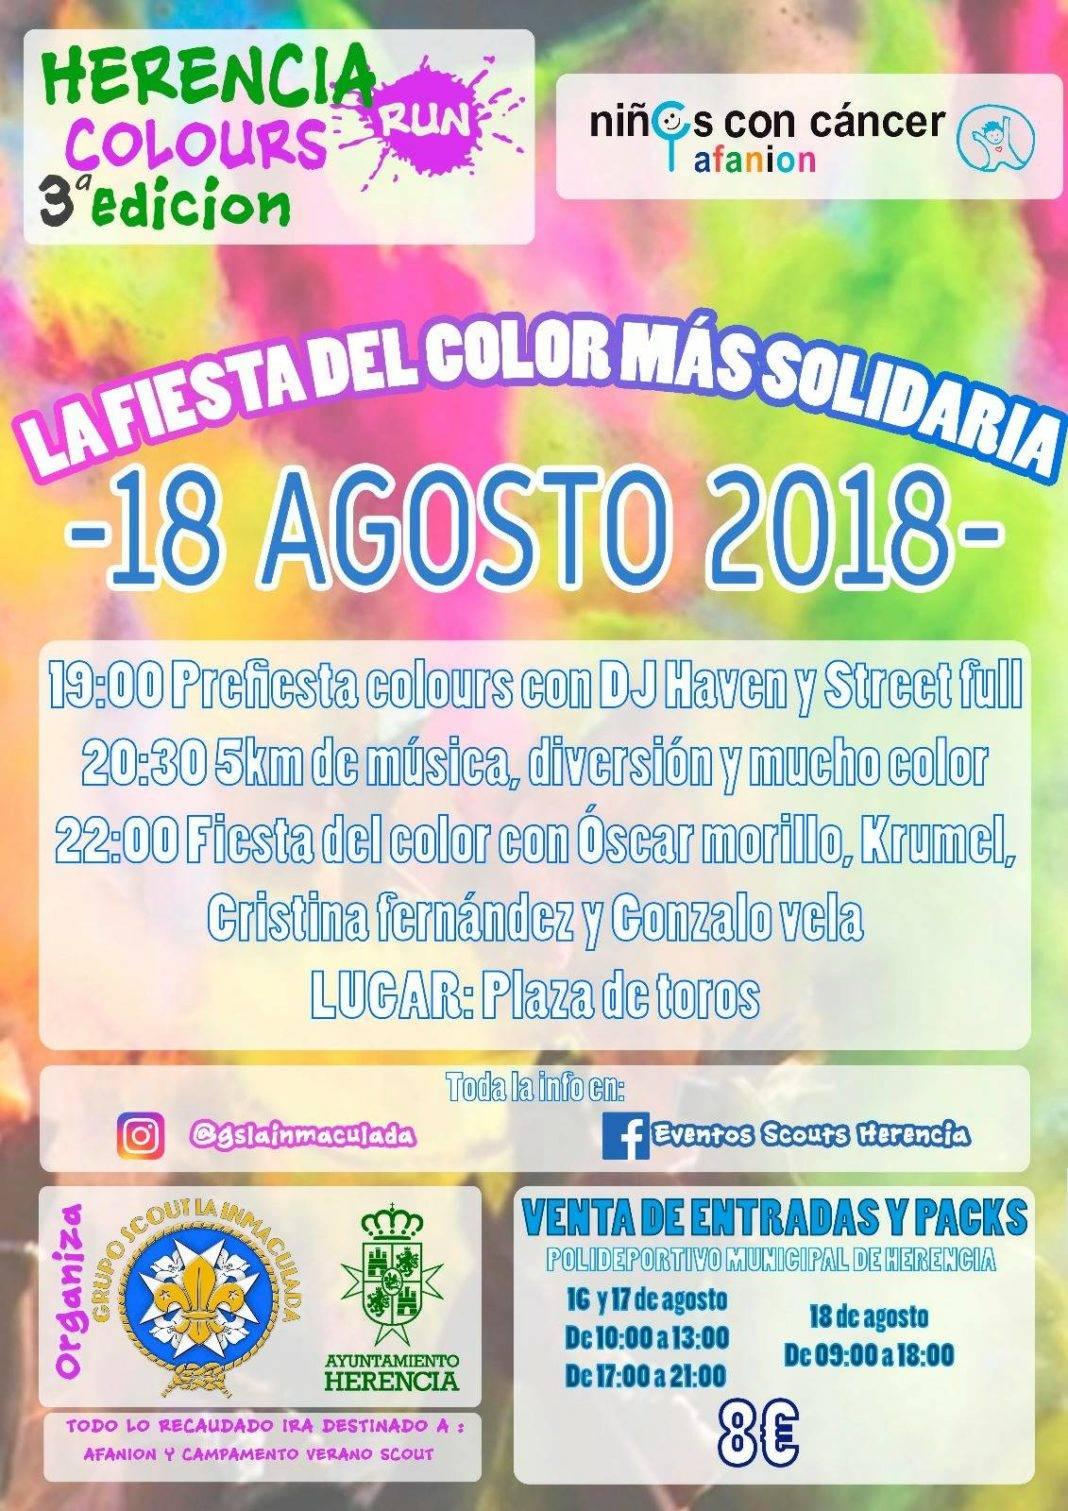 III herencia colours run 1068x1511 - III Herencia Colours Run, la fiesta del color más solidaria